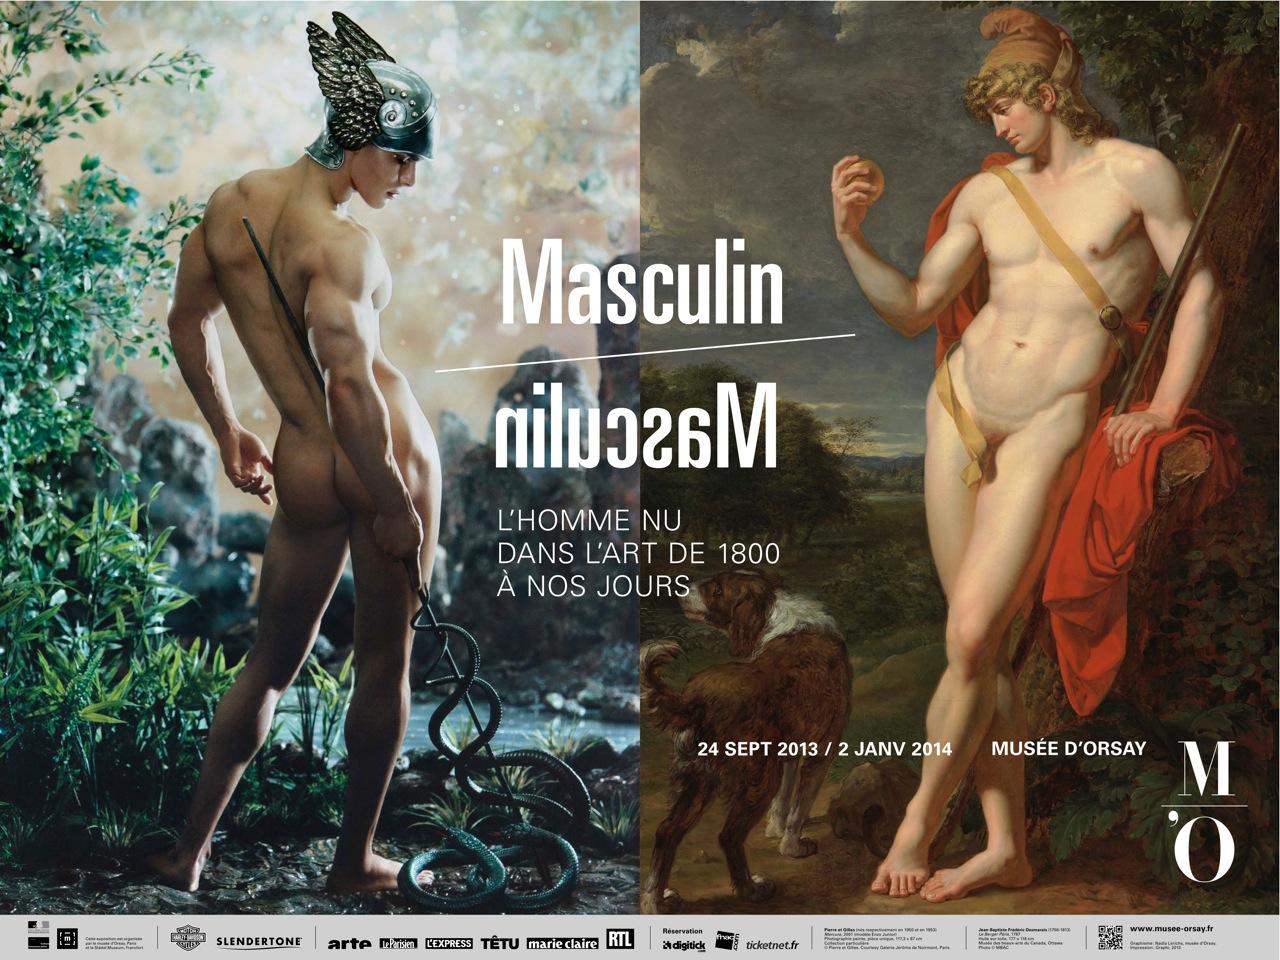 The Dream Team Mettre En Avant Ceux Qui Le Meritent La Maison Francesco Smalto Mecene De L Exposition Masculin Masculin L Homme Nu Dans L Art De 1800 A Nos Jours